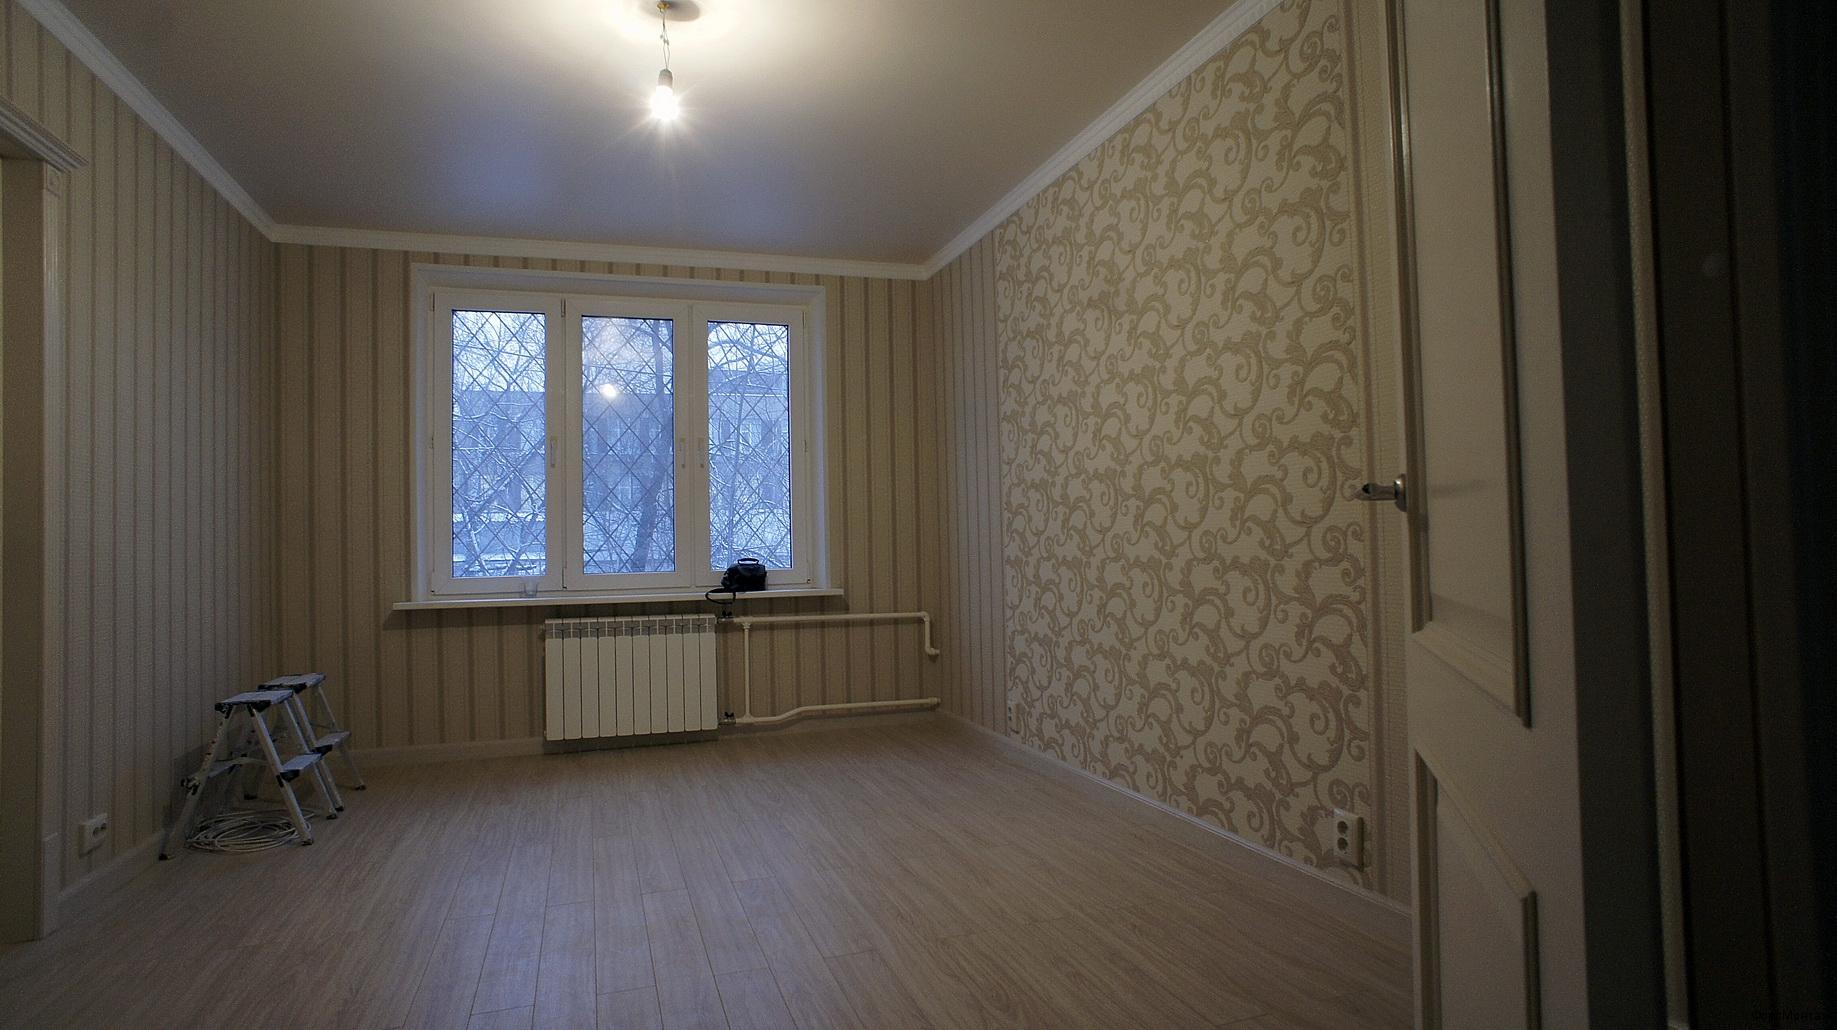 Недорогой ремонт квартиры своими руками: способы экономии 87